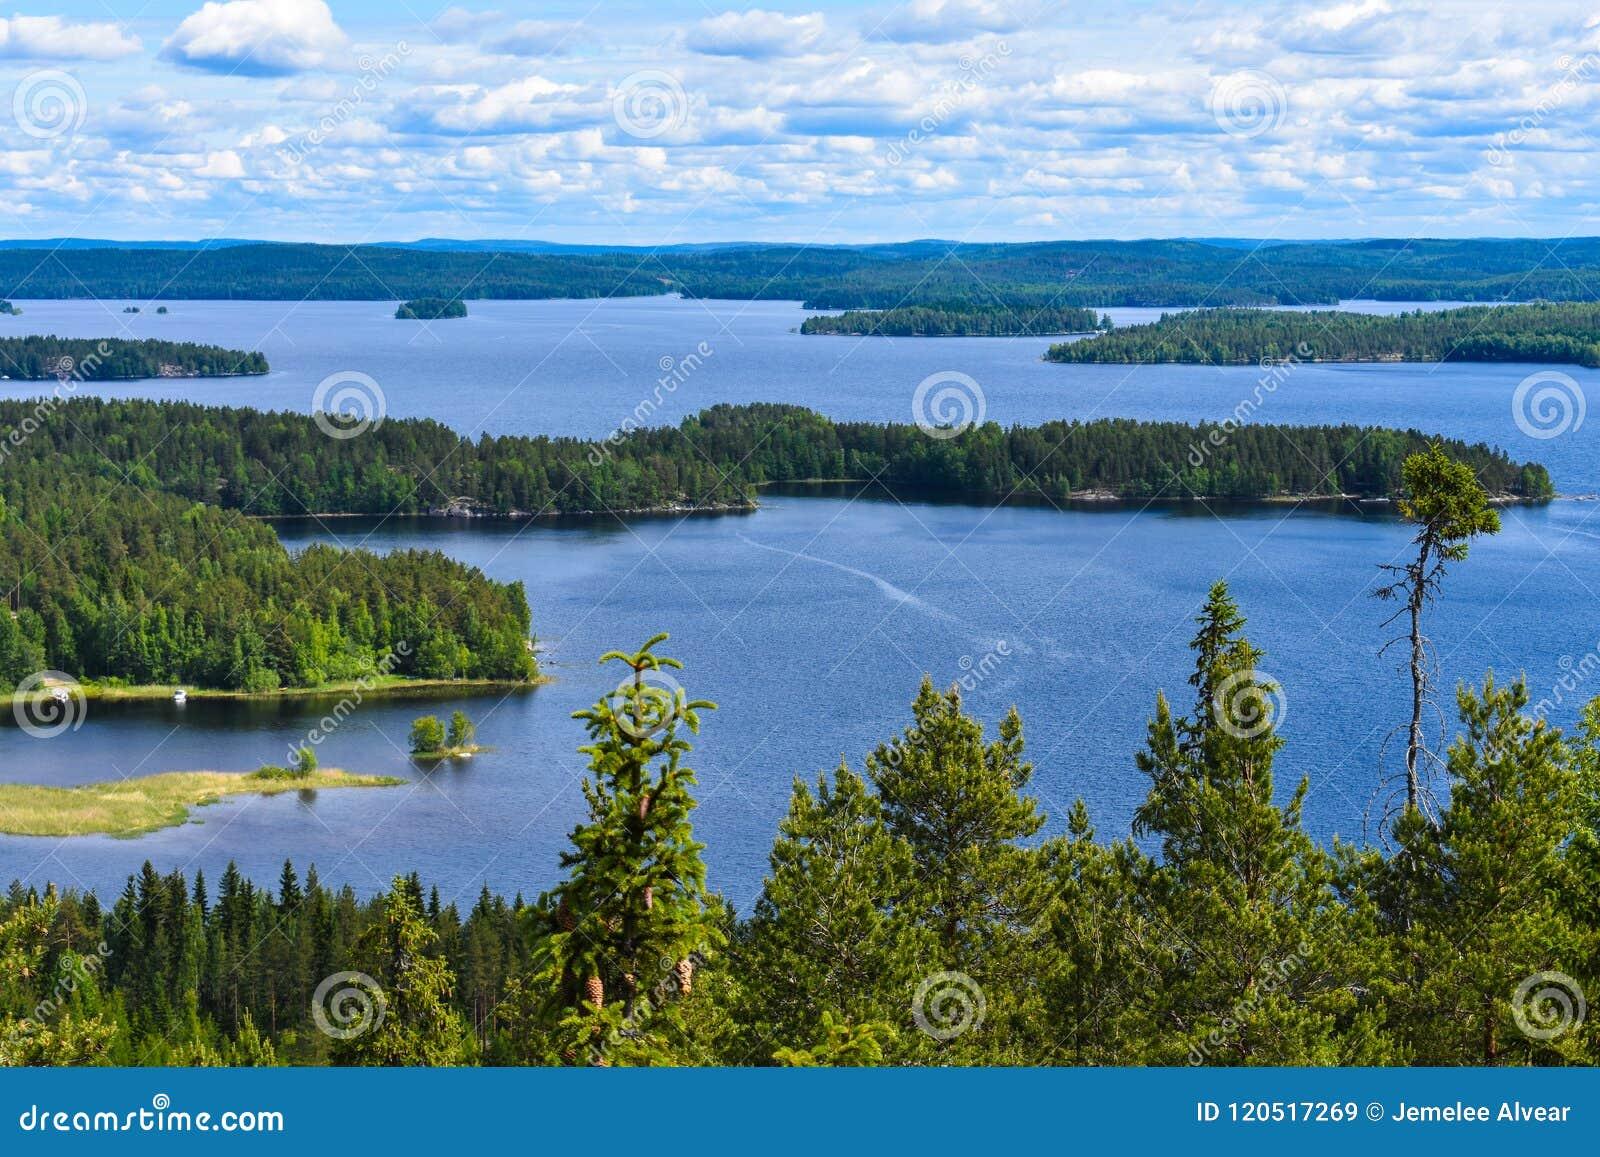 Δεύτερη μεγαλύτερη λίμνη στη Φινλανδία